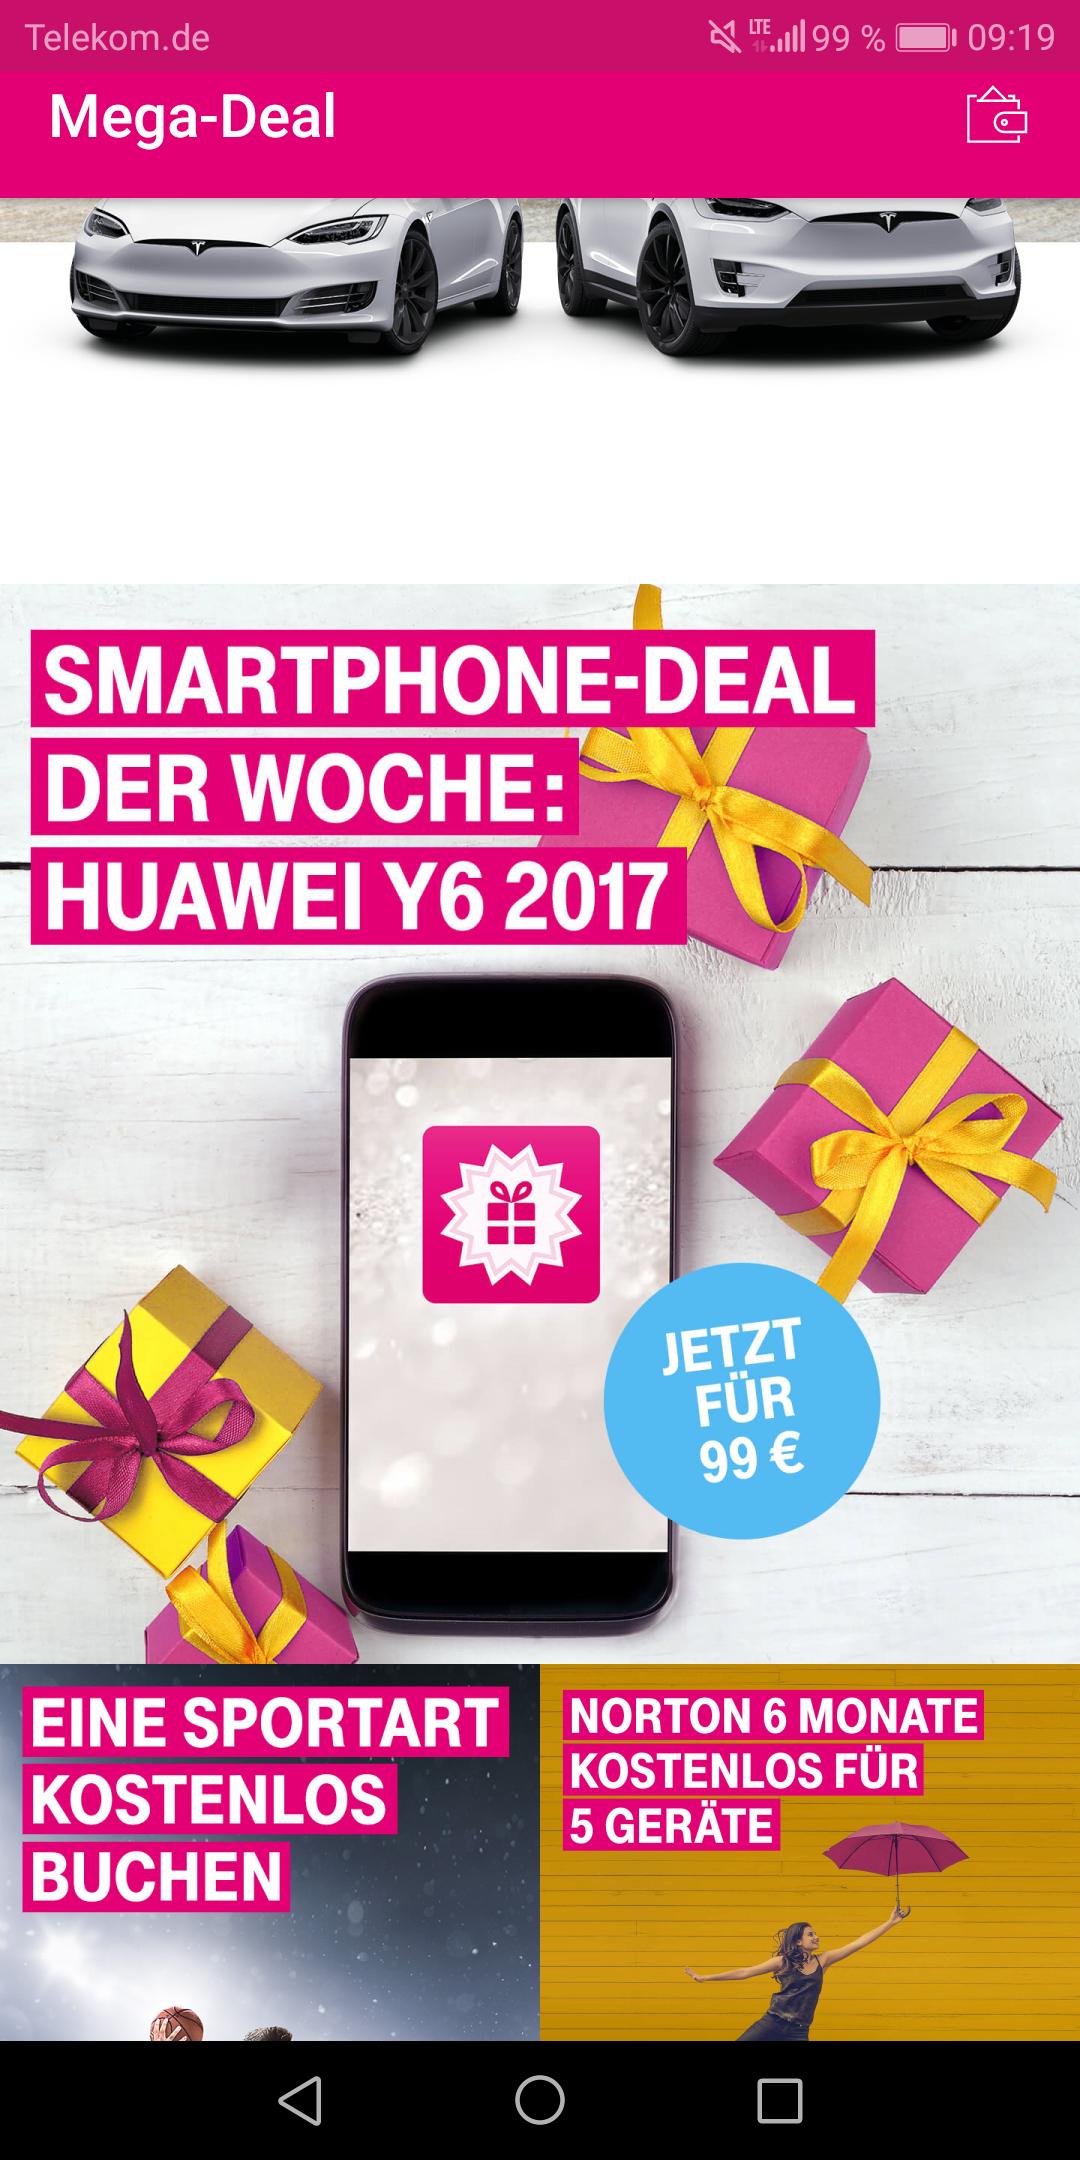 Telekom Mega Deal App - Huawei Y6 2017 für 99€ - PVG 127€